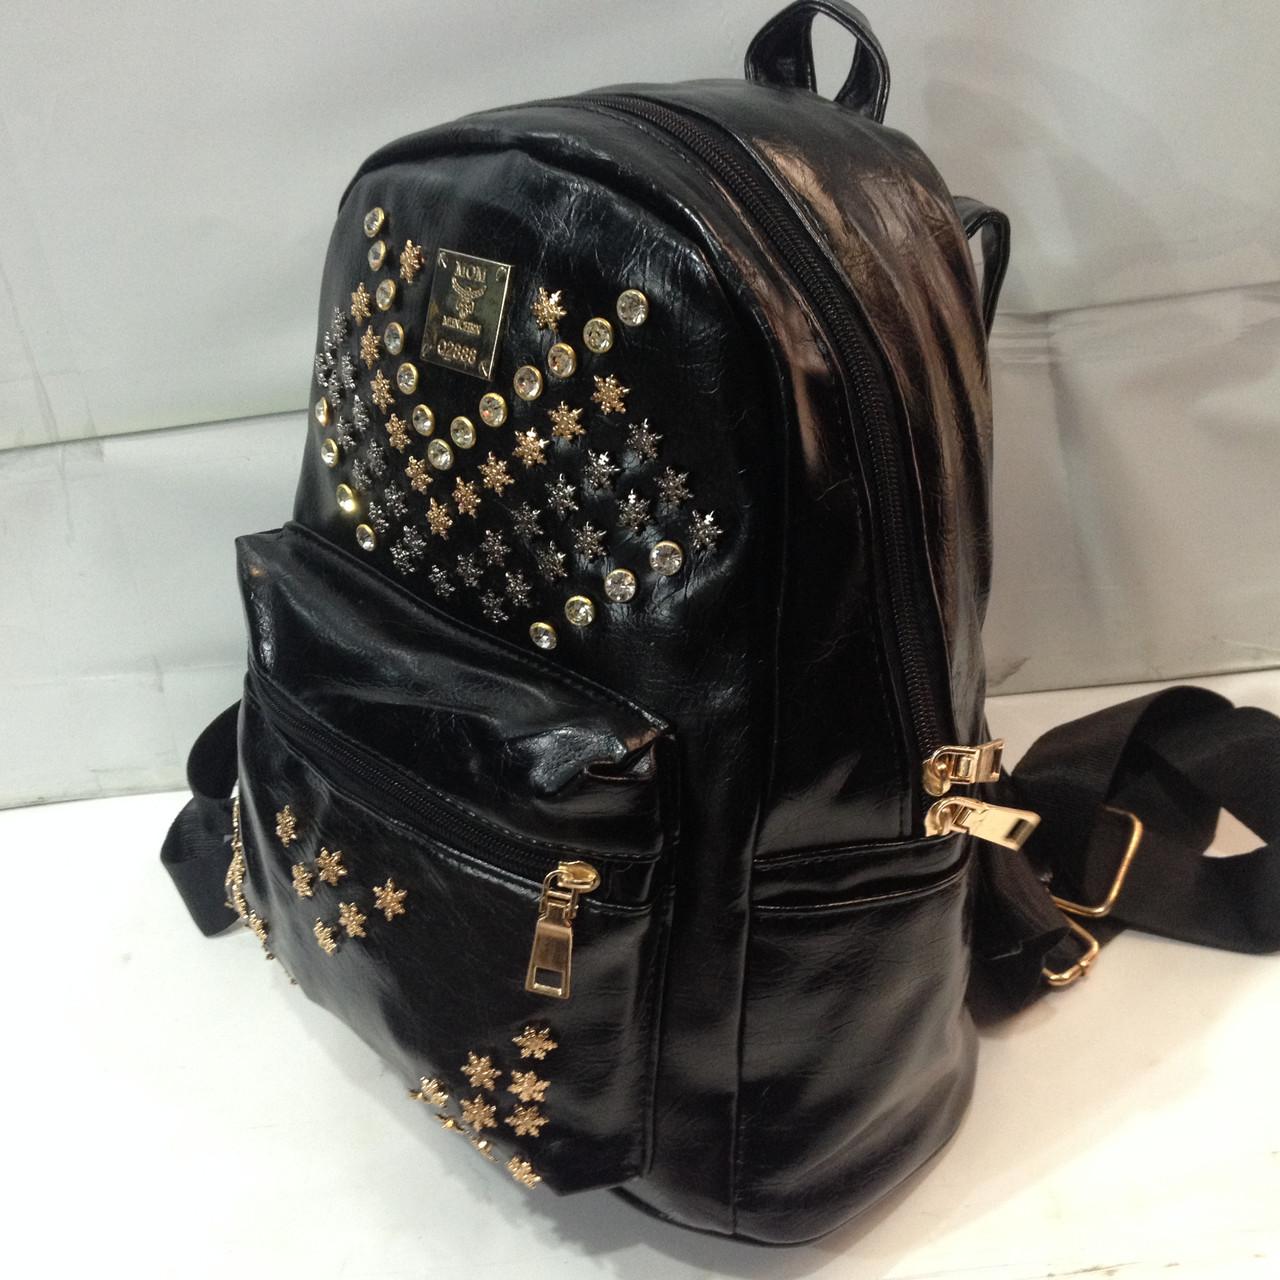 Рюкзак лаковый с шипами рюкзак спецназ гру